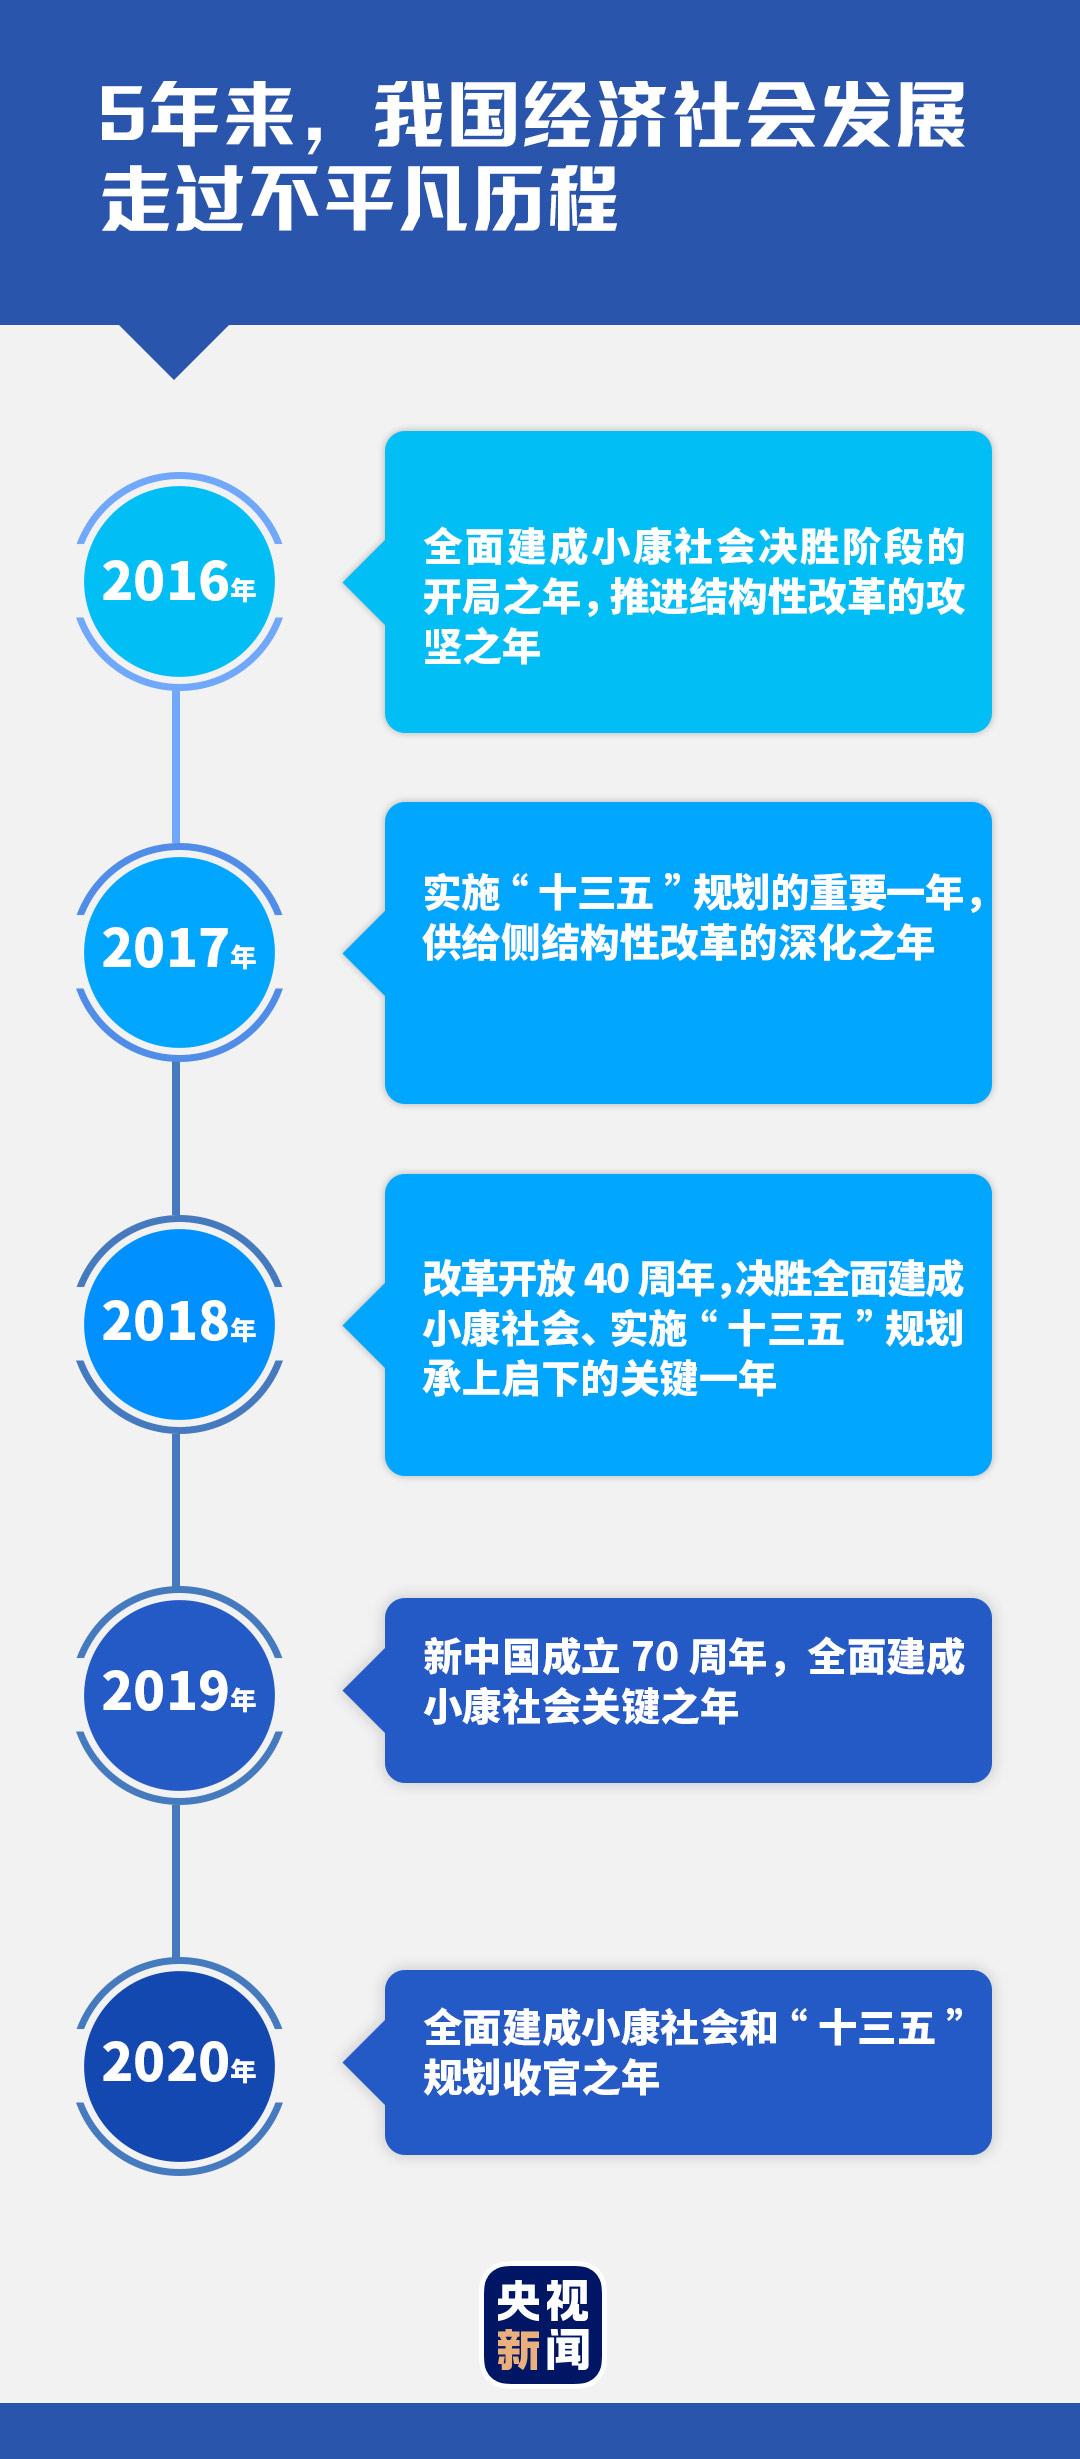 習近平領航中國經濟巨輪破浪前行-圖5